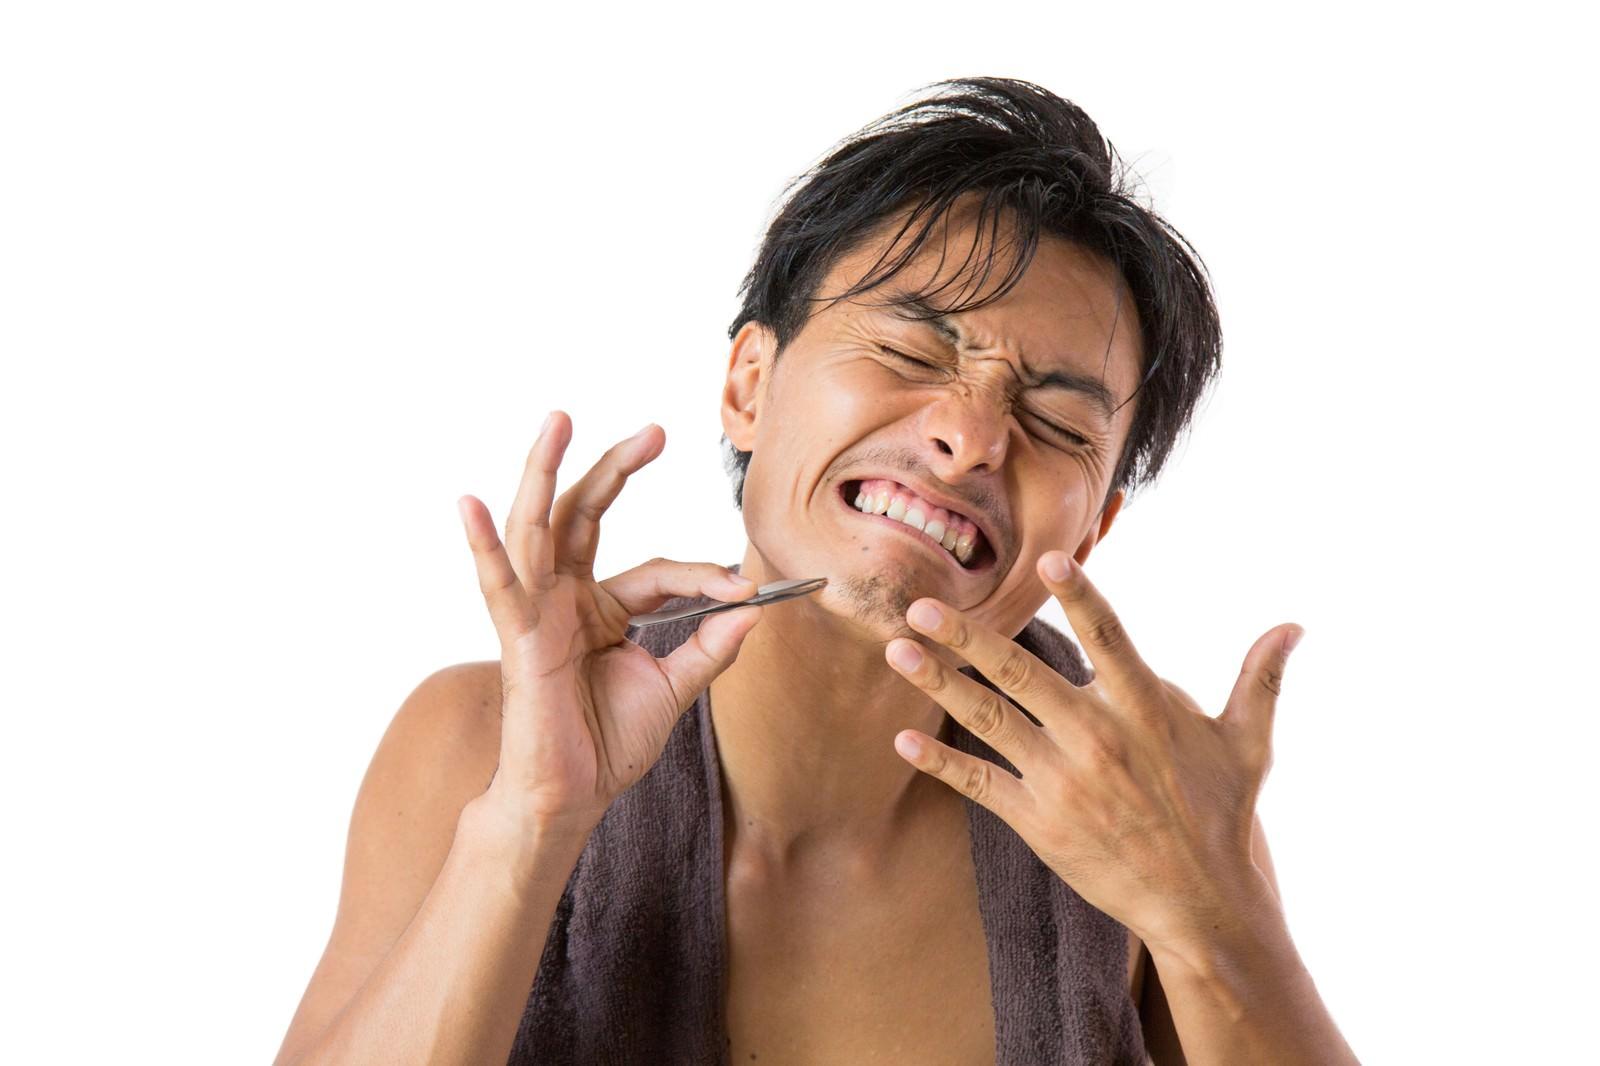 「毛抜で髭を抜く痛み(男性)」の写真[モデル:藤沢篤]